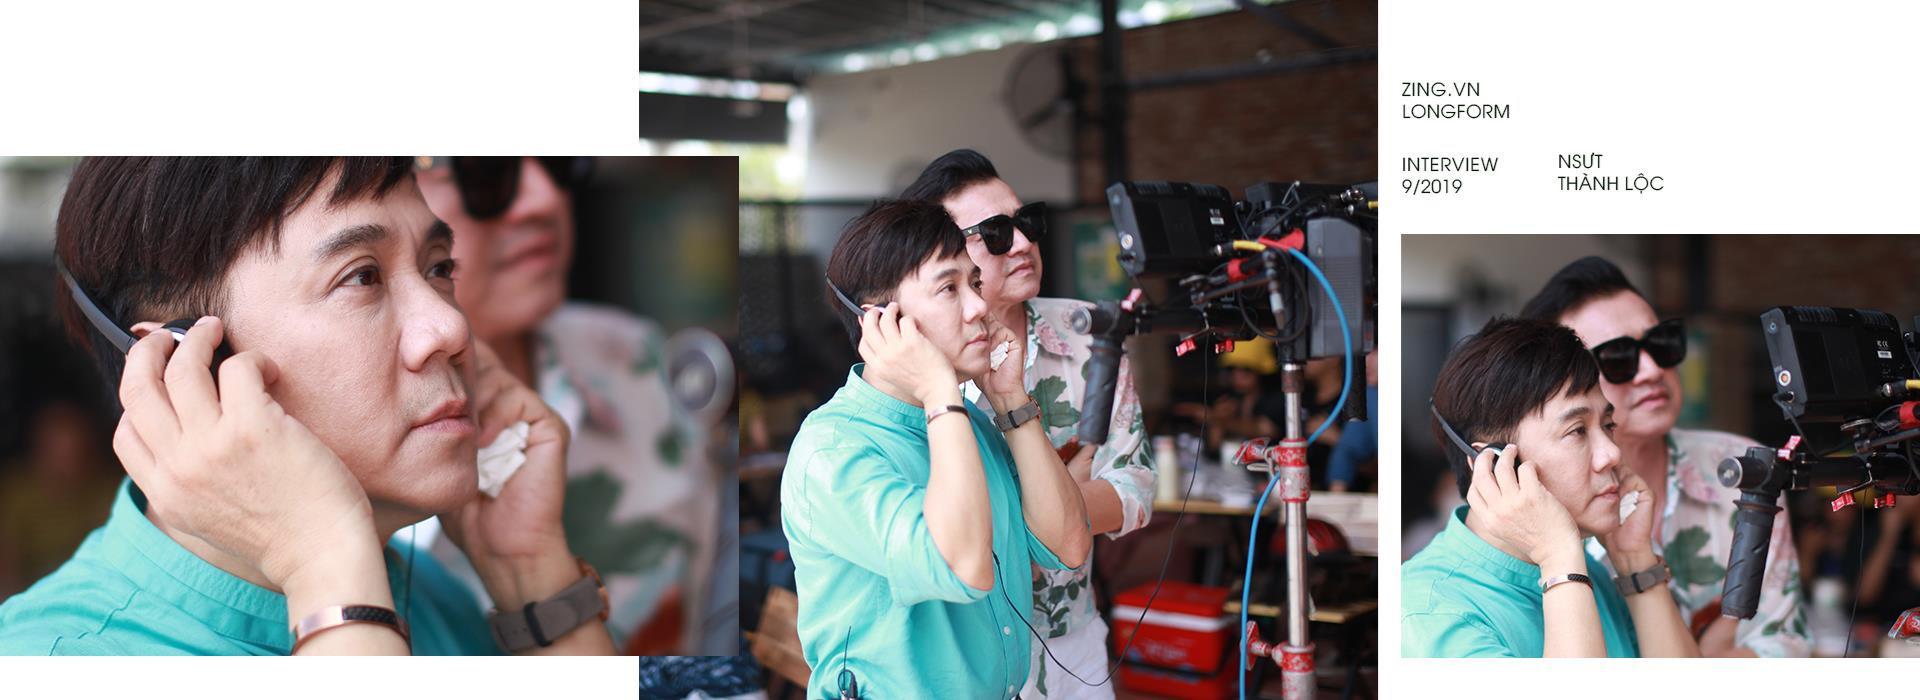 Nghệ sĩ Thành Lộc: Ai cũng có thể thay thế, kể cả Hoài Linh - Hình 2